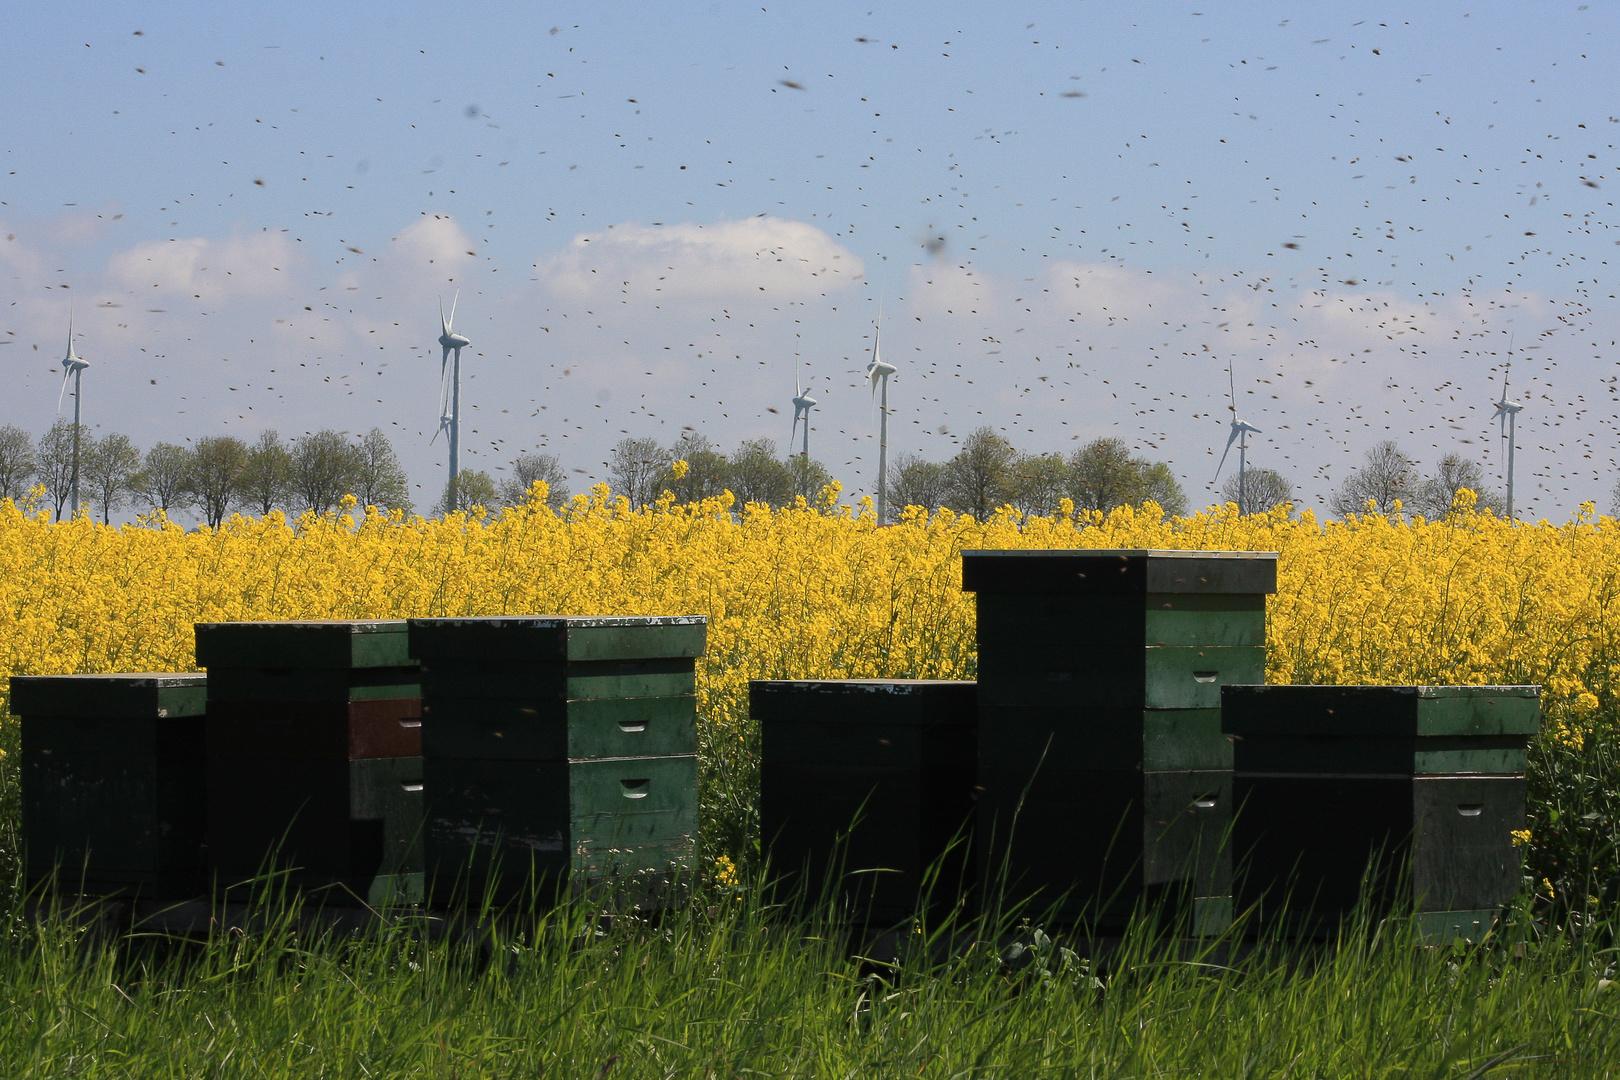 Beehive and rape